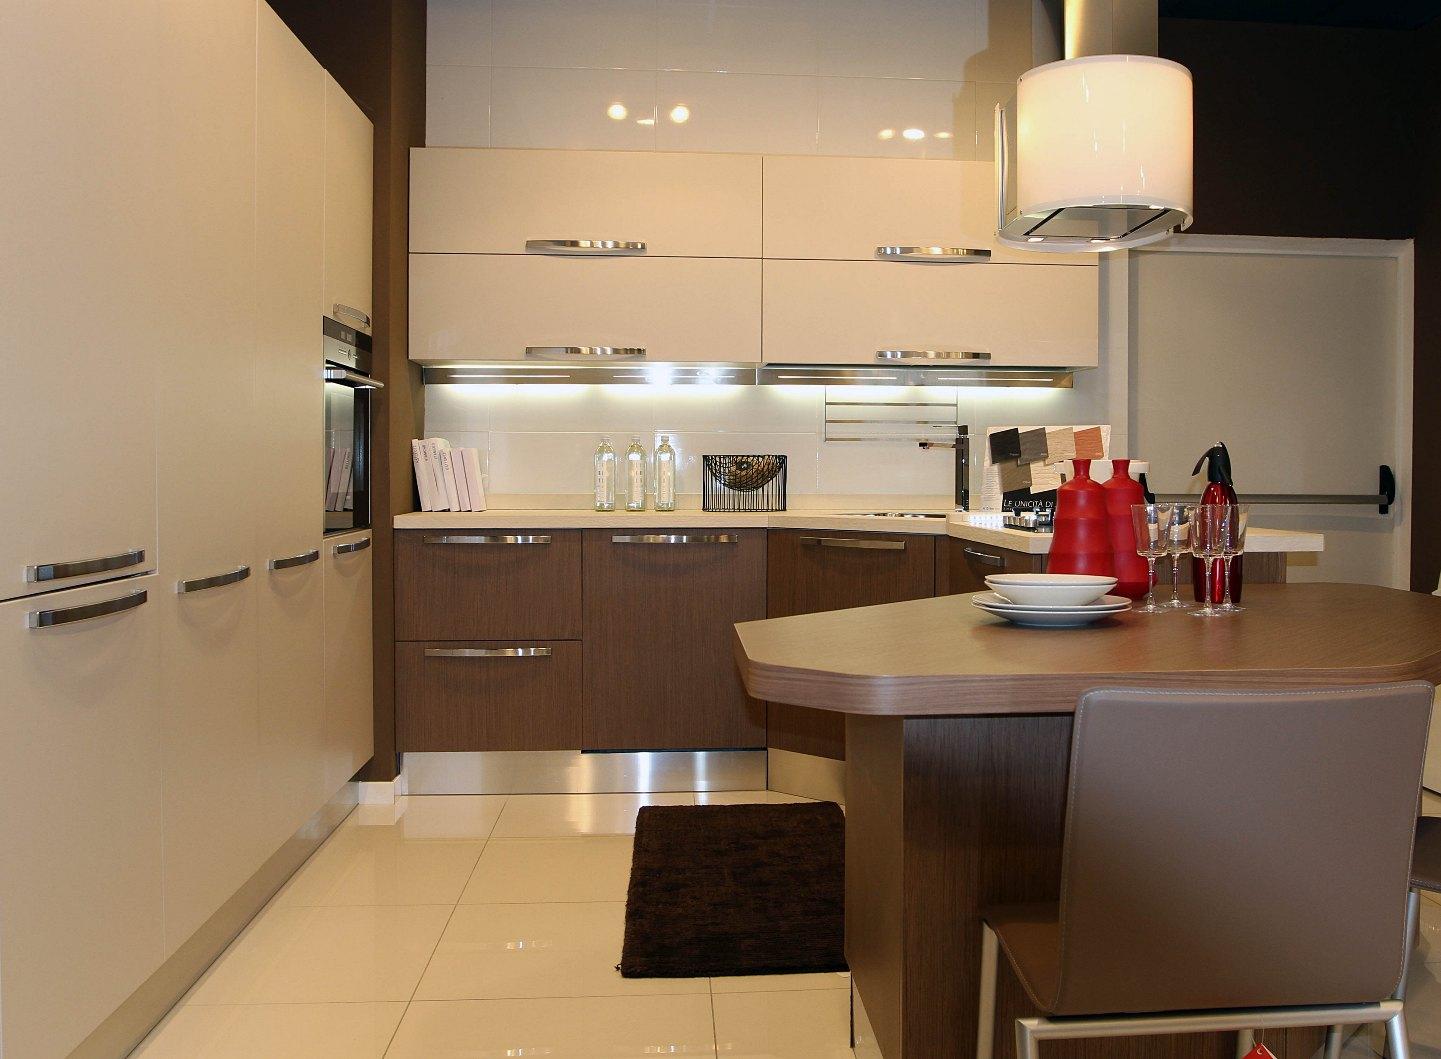 Outlet Cucine Scontate Veneta Cucine Carrera Cucine A Prezzi Pictures to pin ...